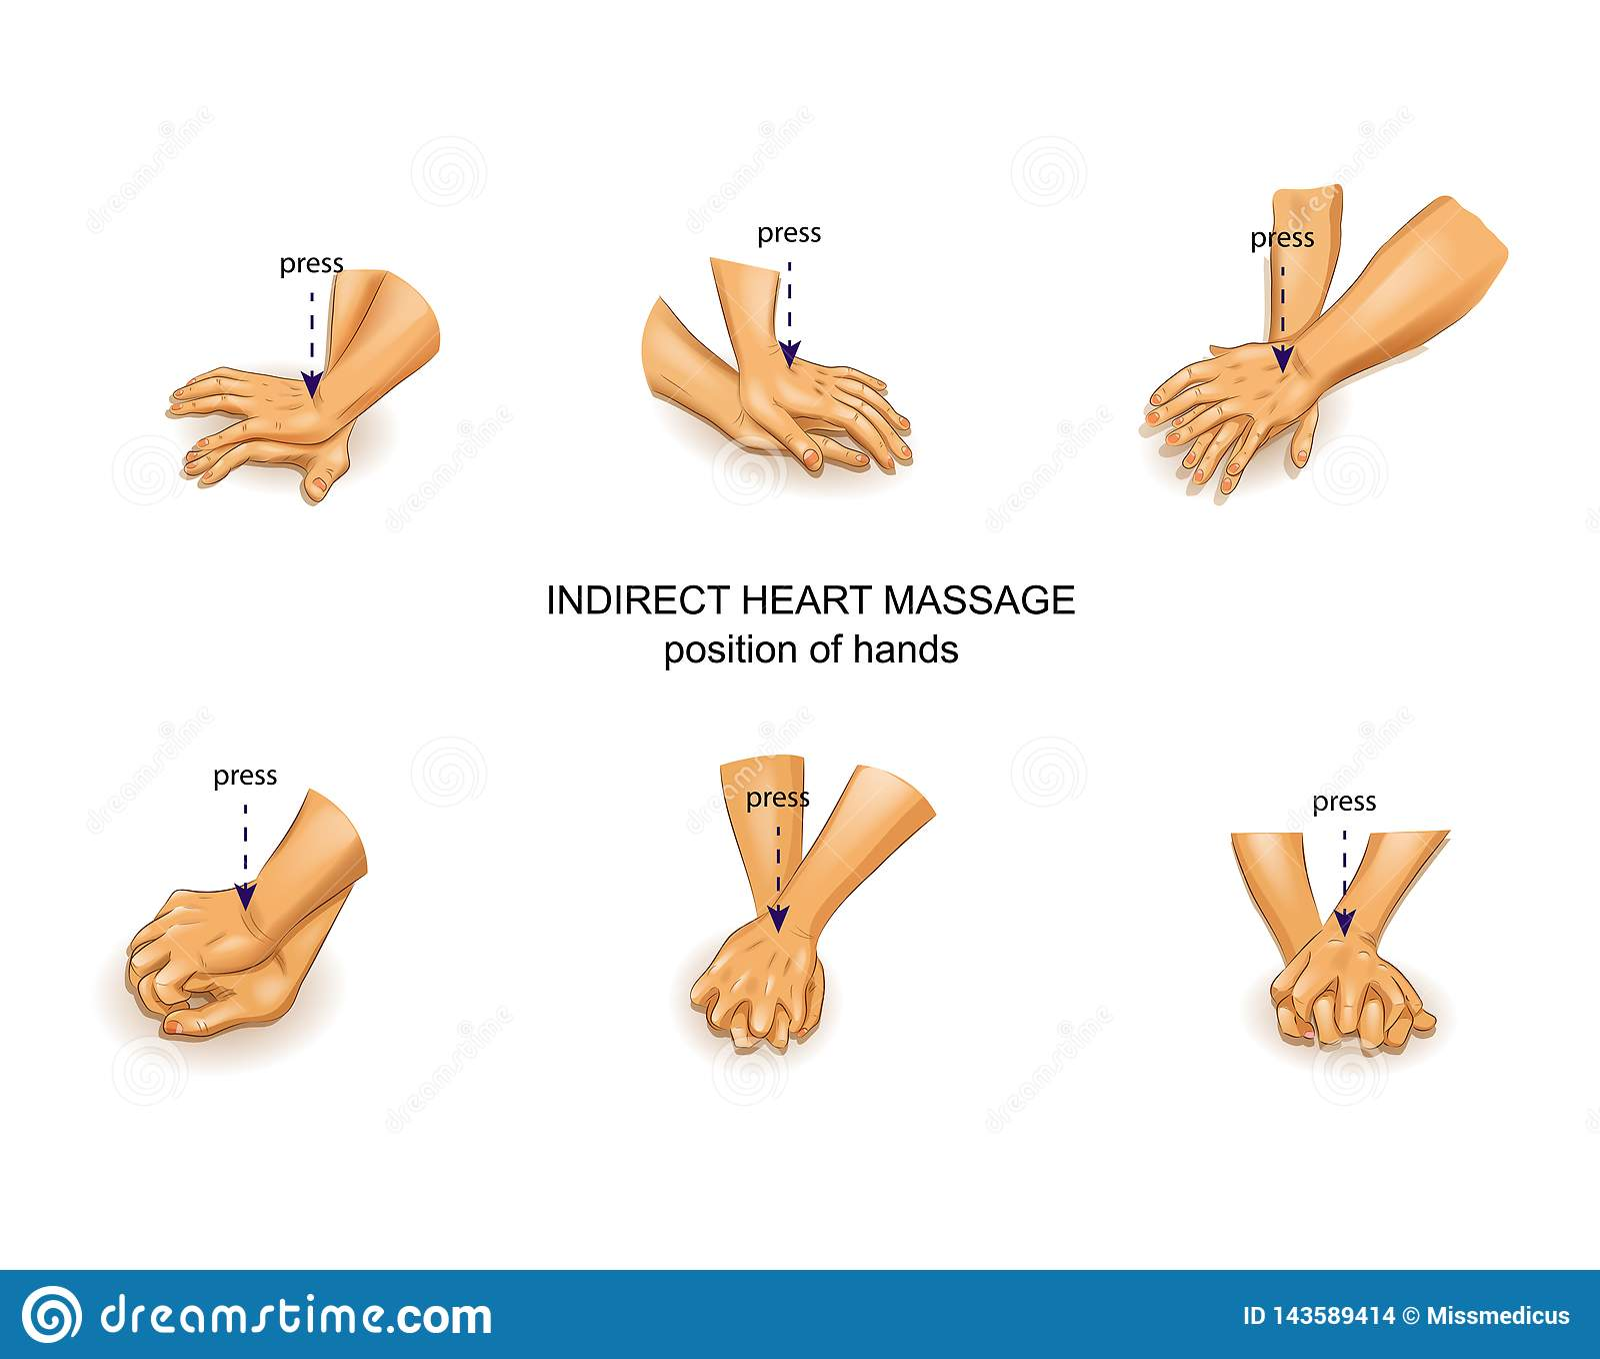 Position der Hände des Doktors in der indirekten Herzmassage